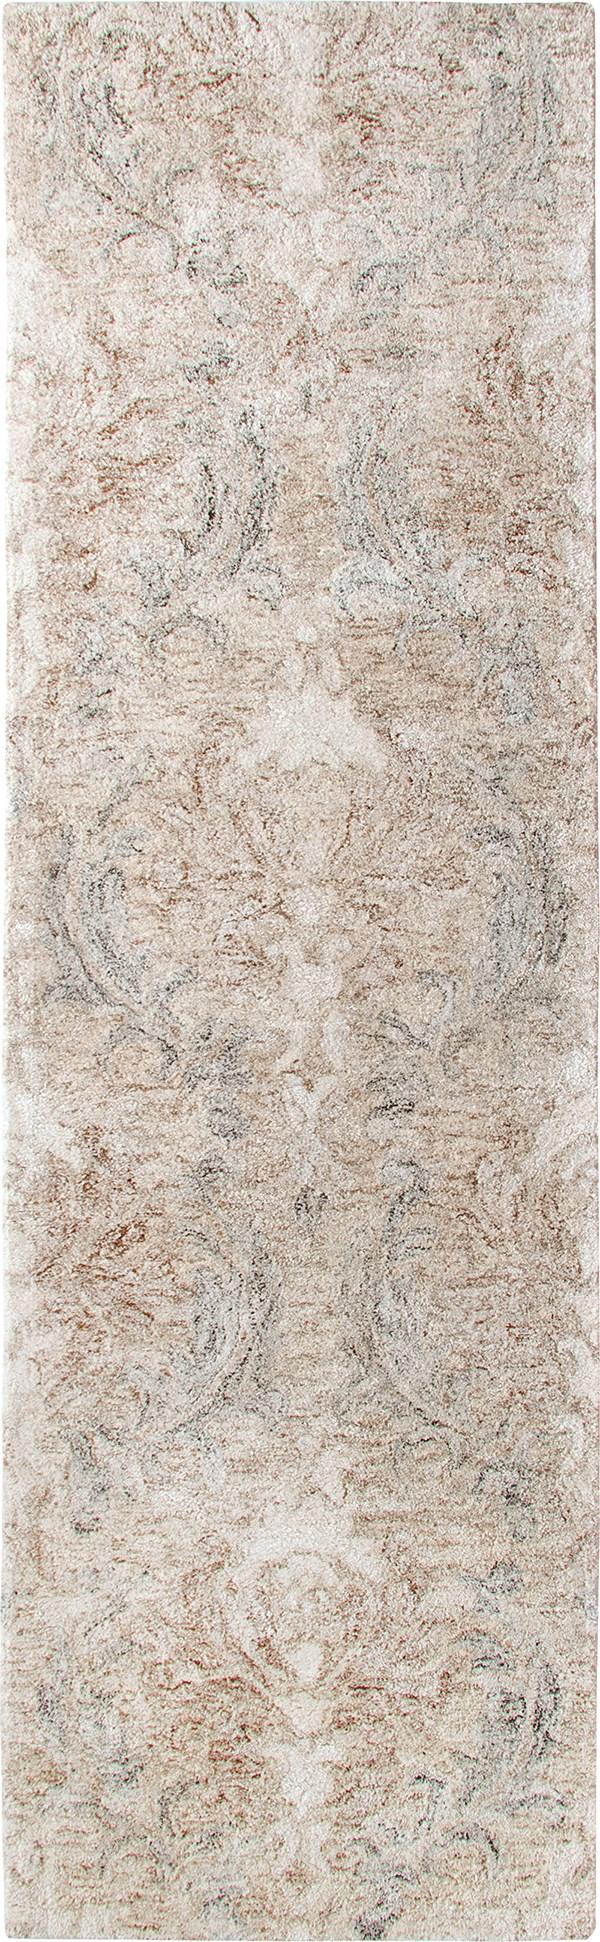 Stone (10163) Damask Area Rug